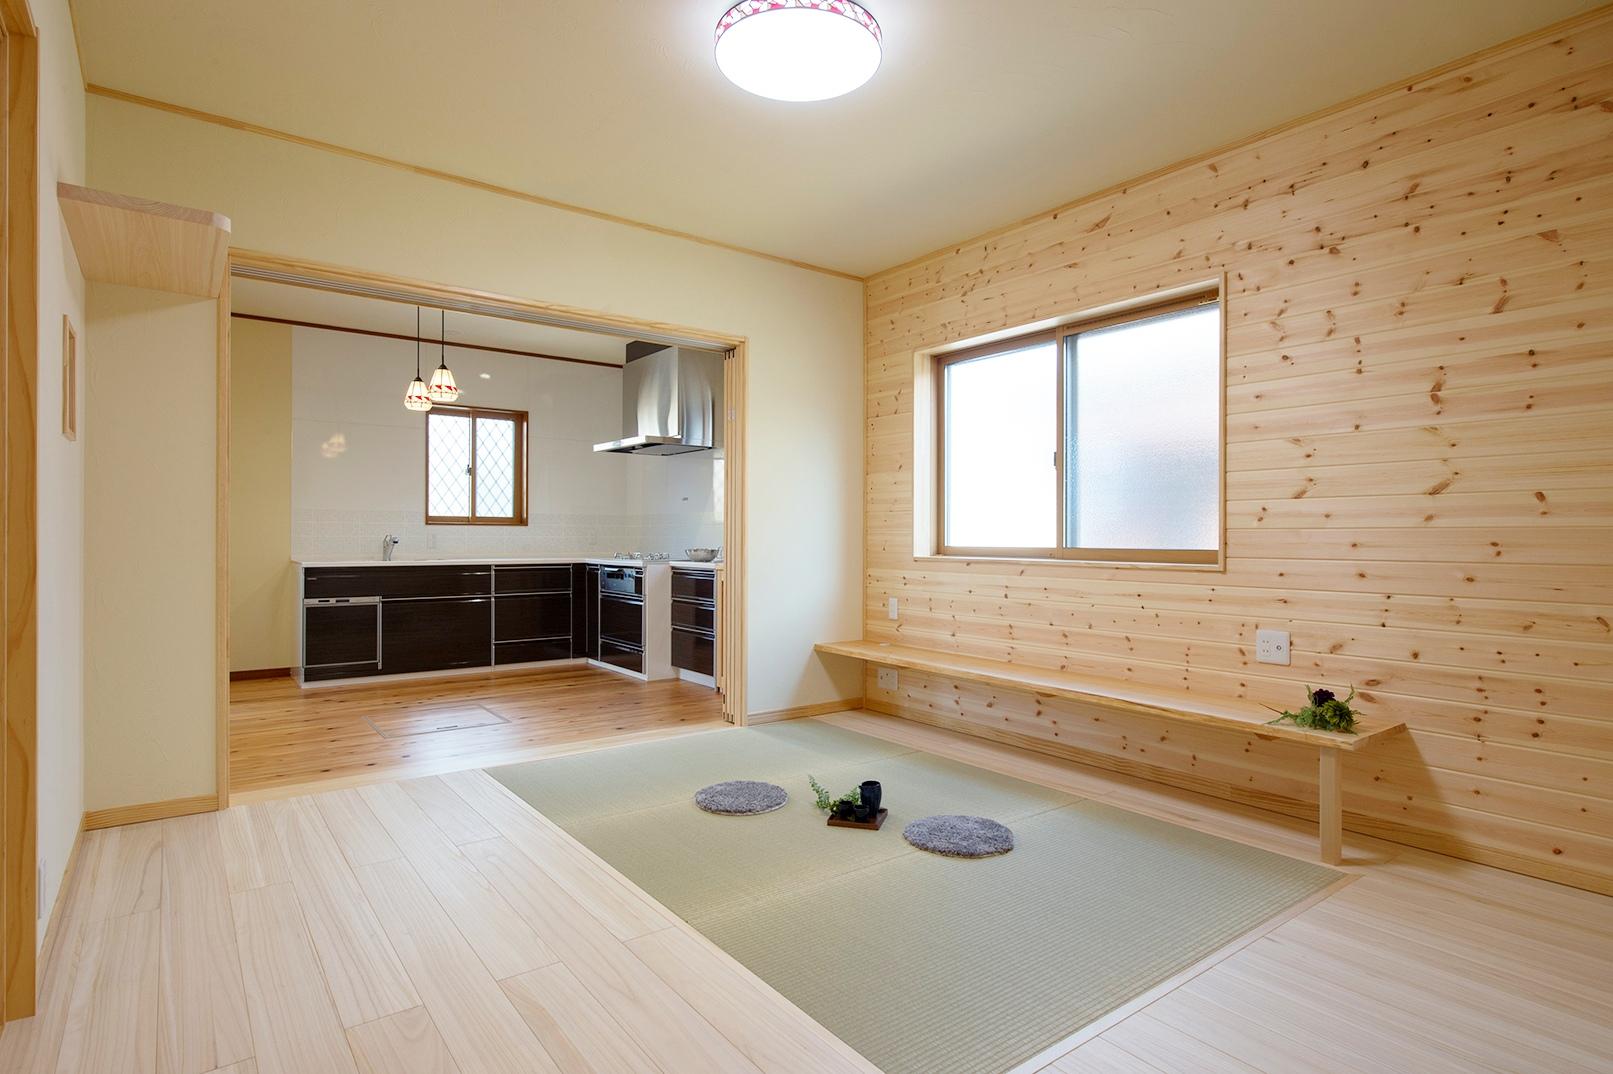 将来を考えた安心バリアフリー設計。ねこちゃんと暮らす自然素材の平屋のお家。